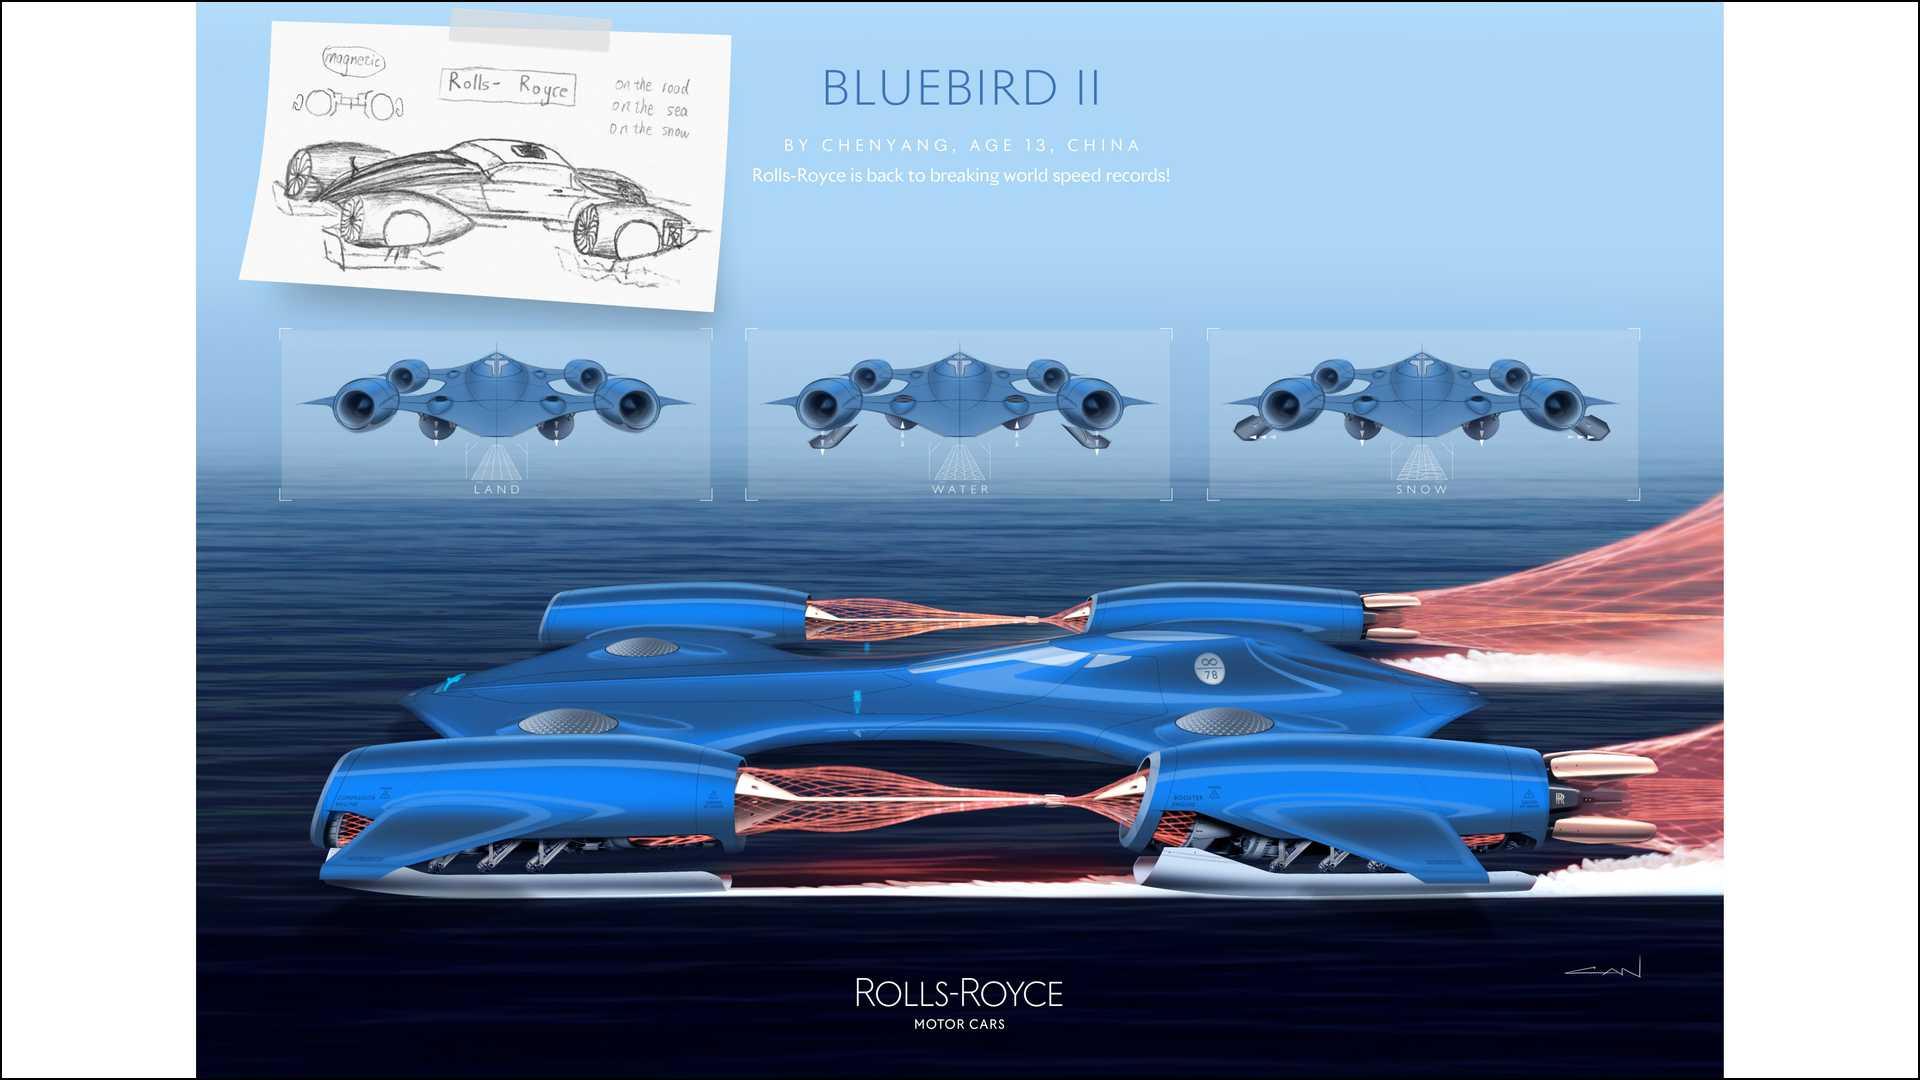 科技《勞斯萊斯藍鳥II》—— 來自中國的 13 歲青年設計師魏辰陽。